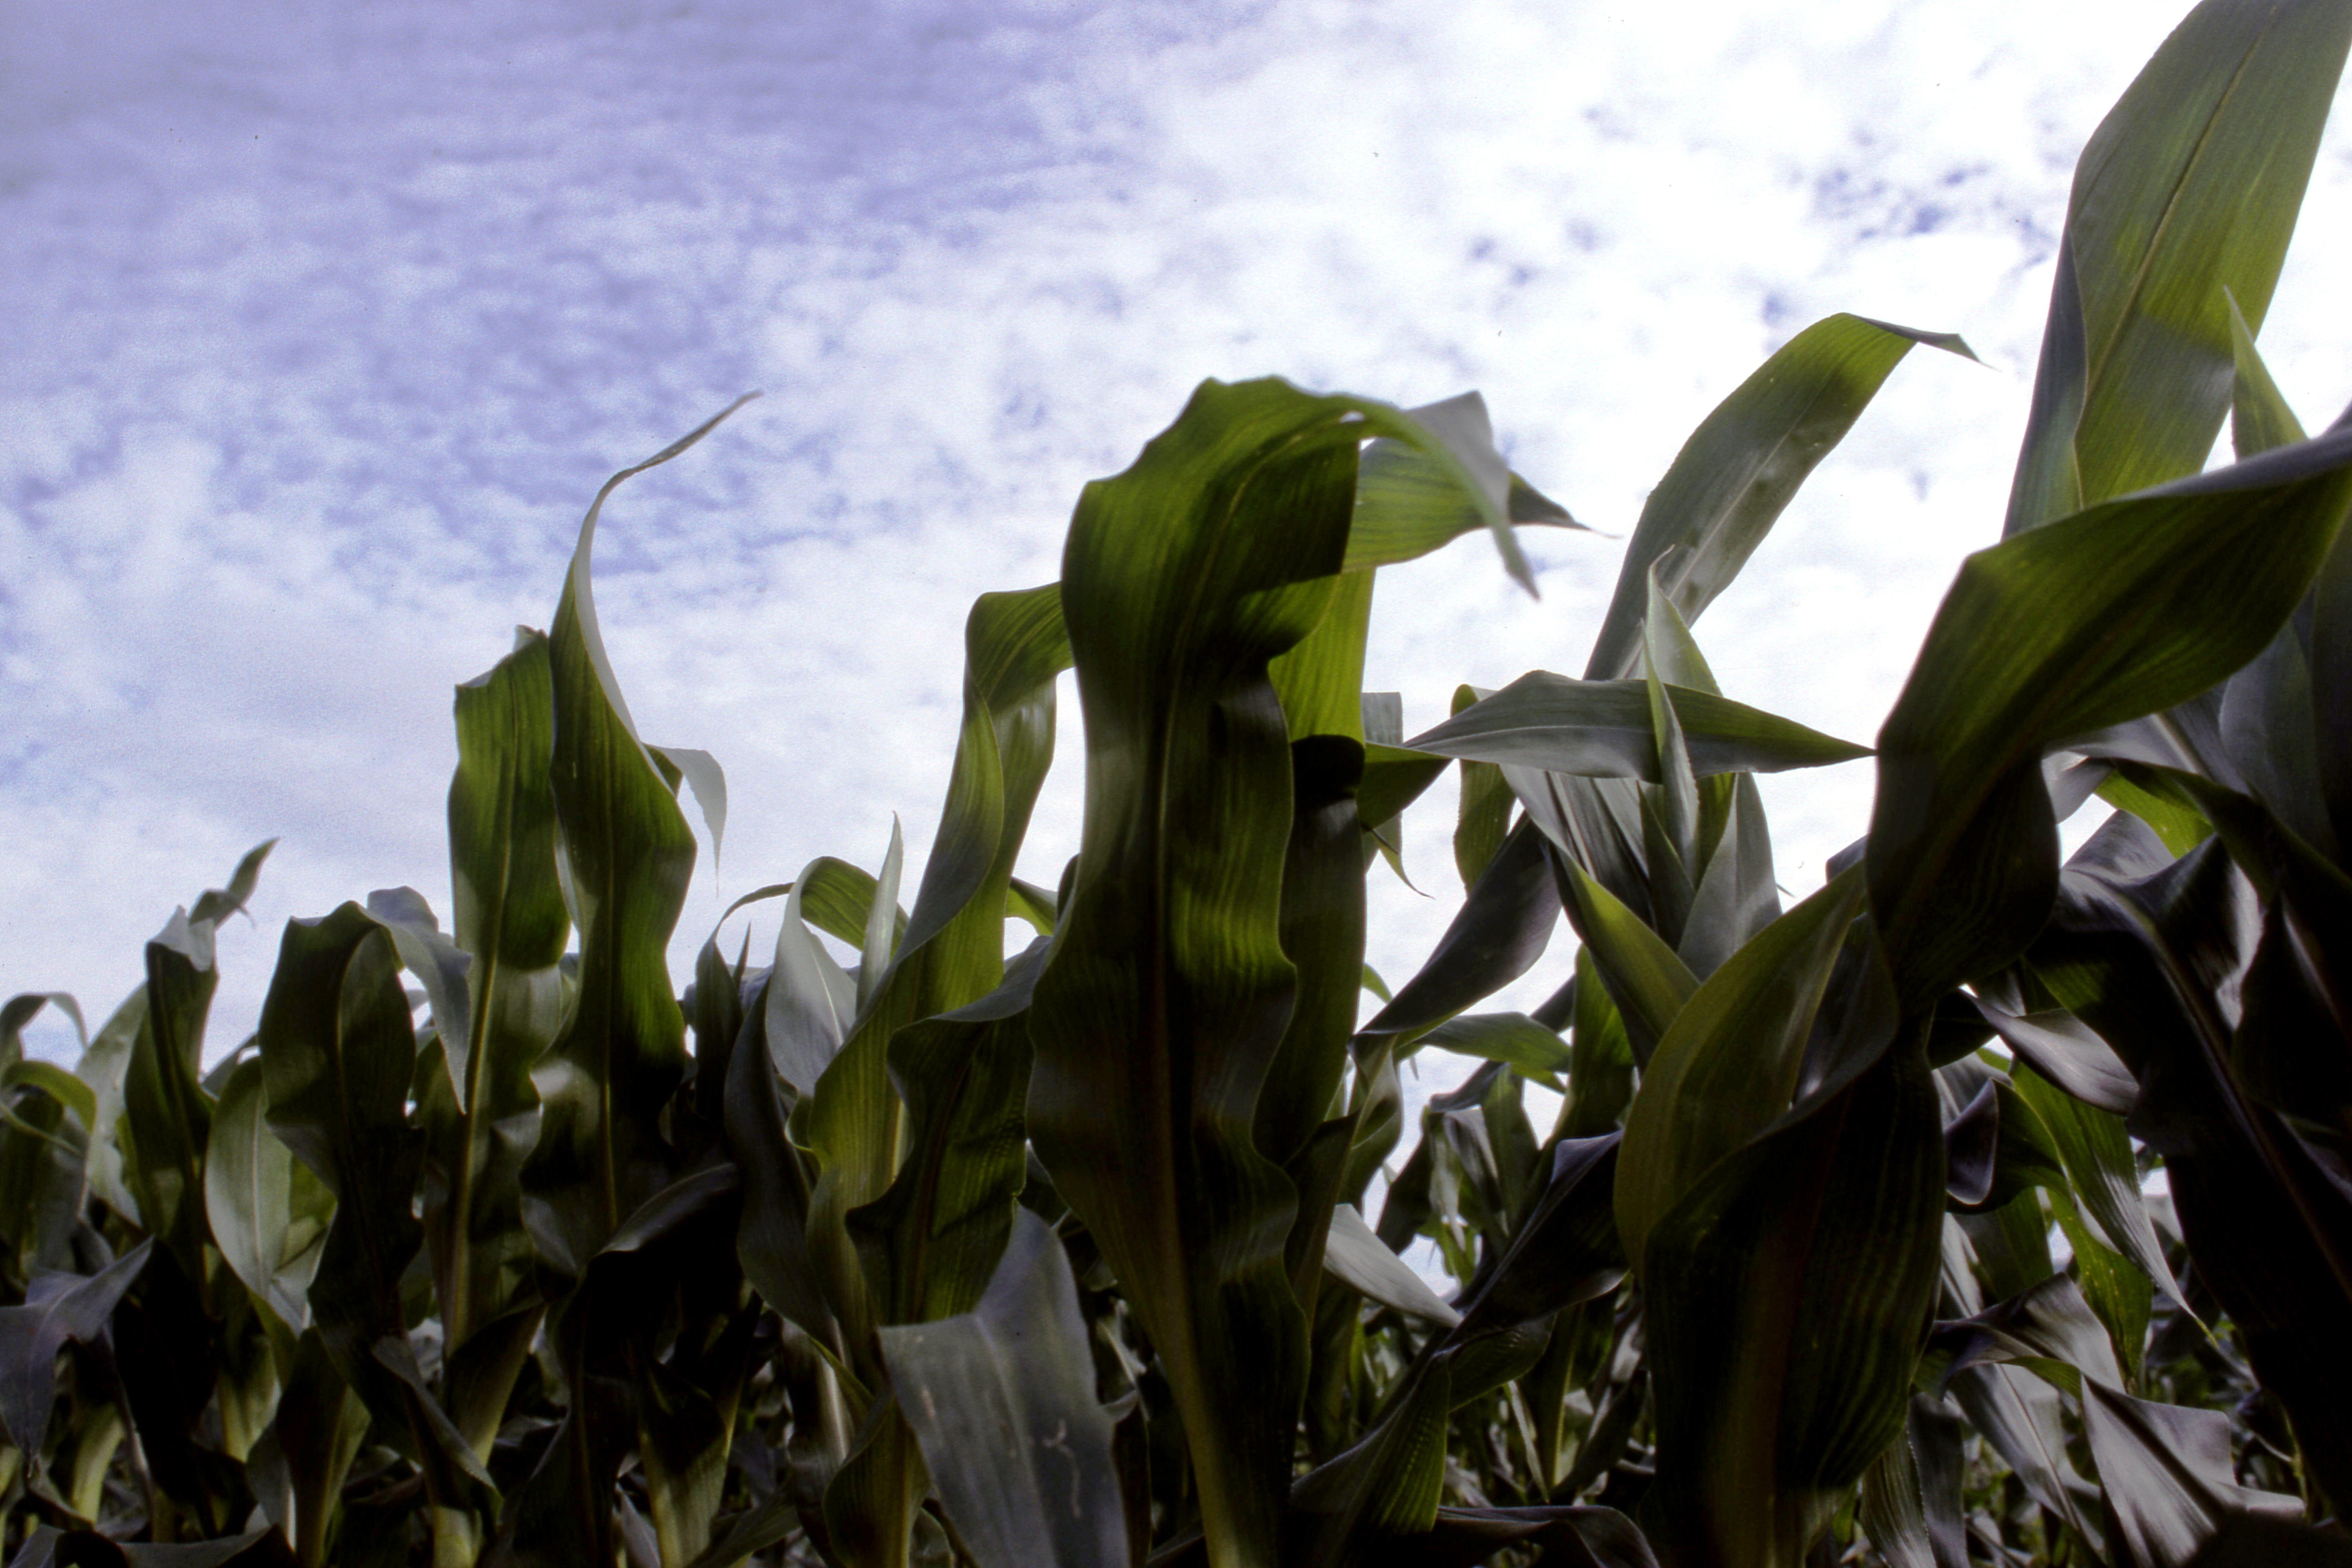 More Maize - a